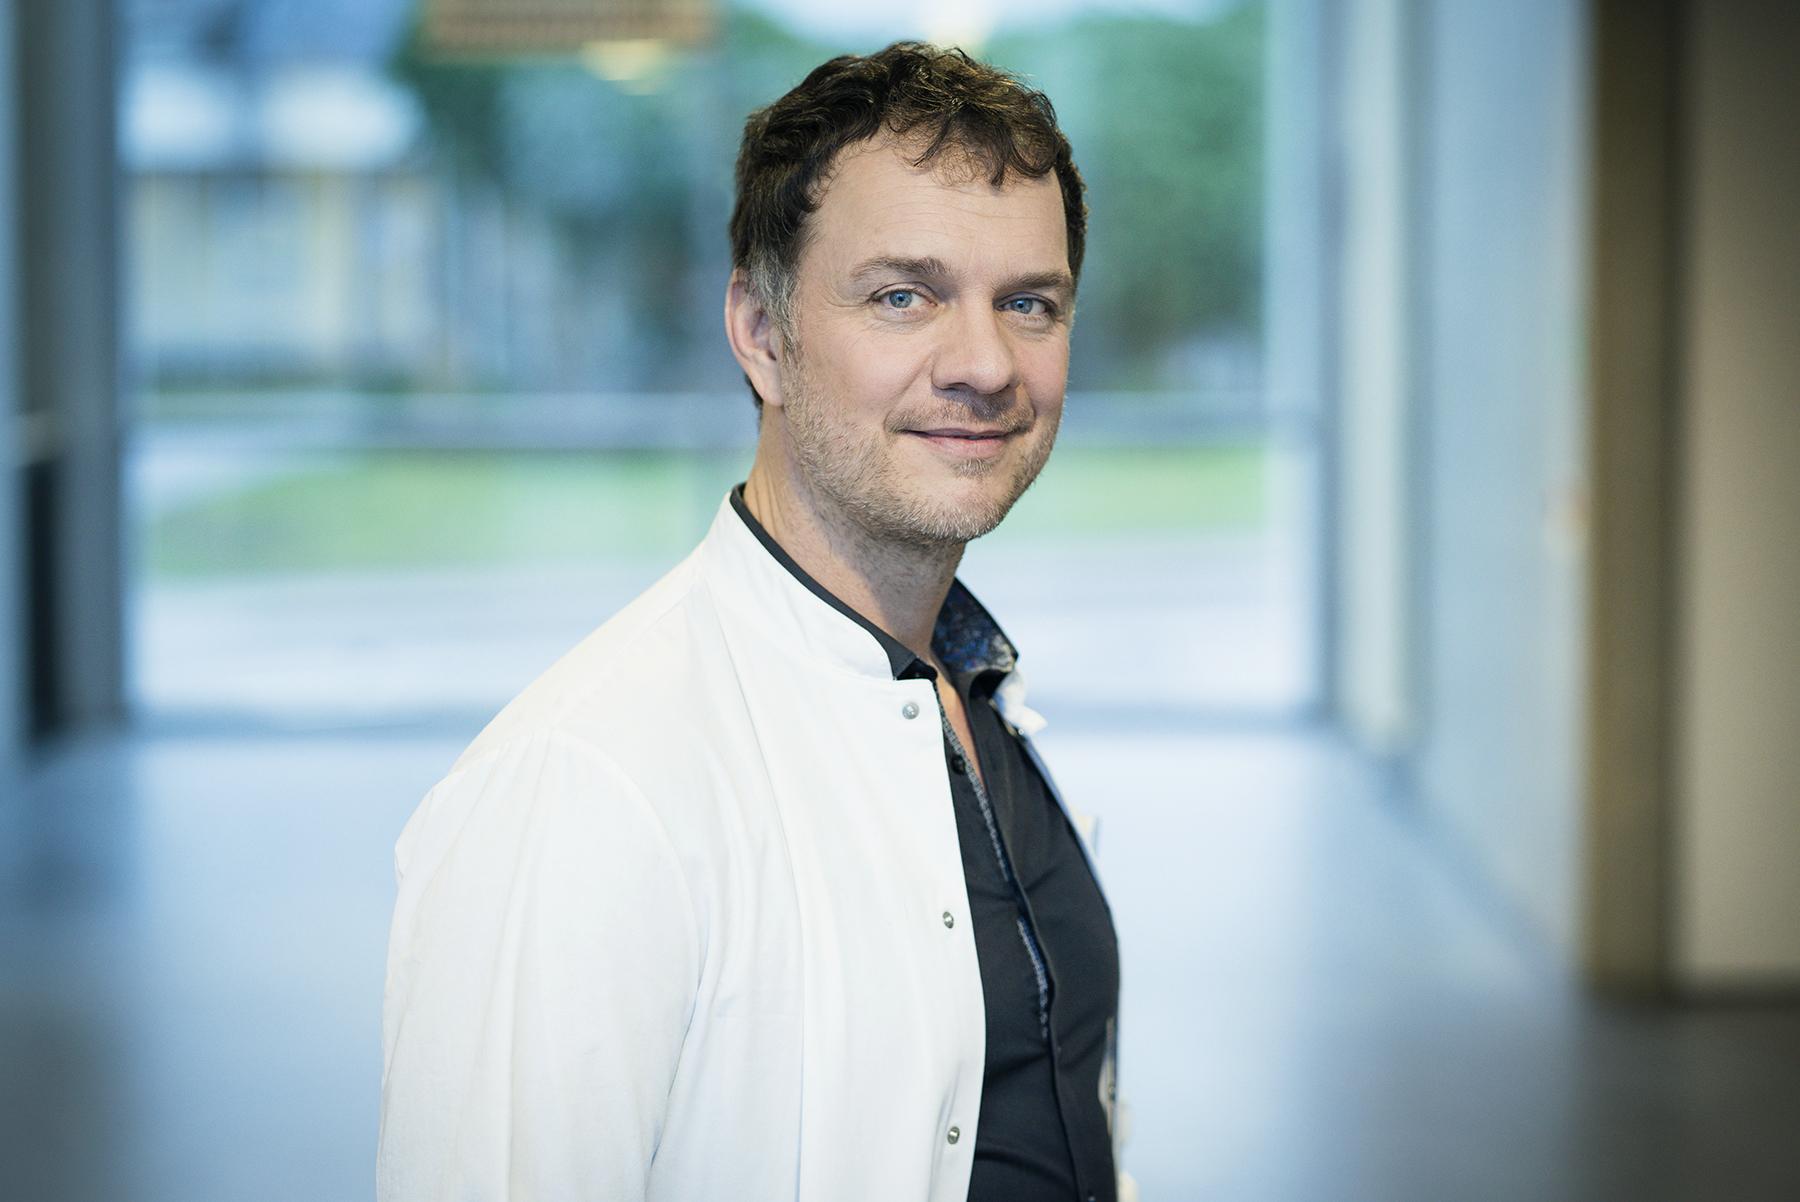 DR. VOLKER BUSCH